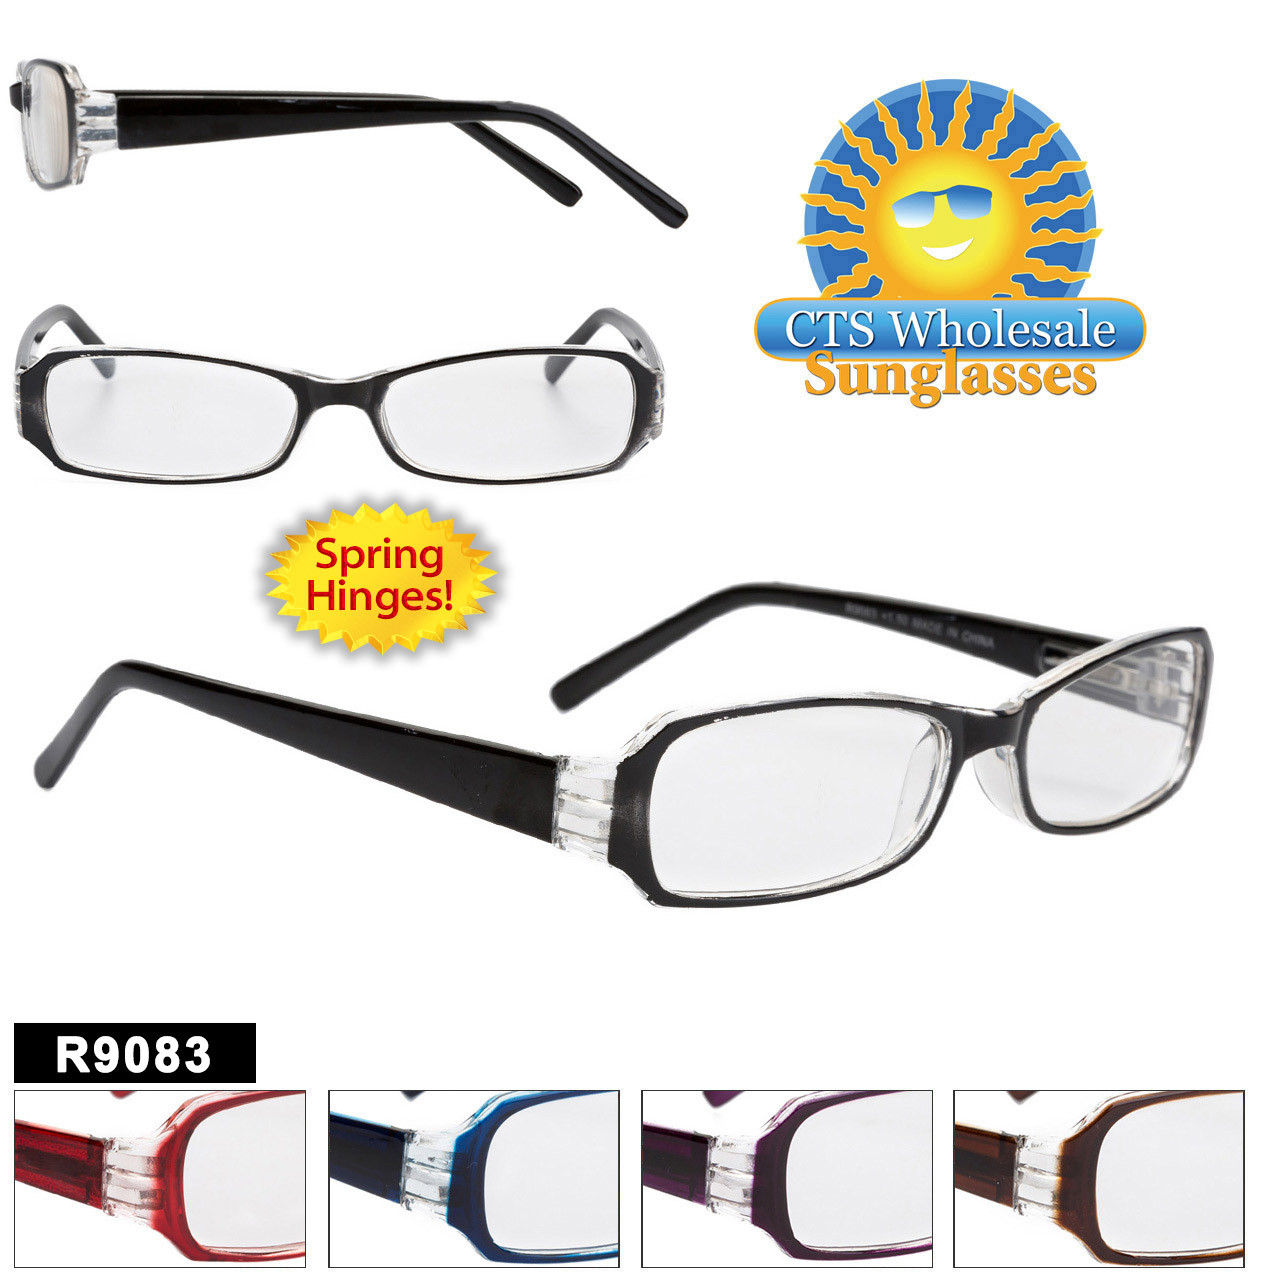 Plastic Reading Glasses - R9083 Spring Hinge!